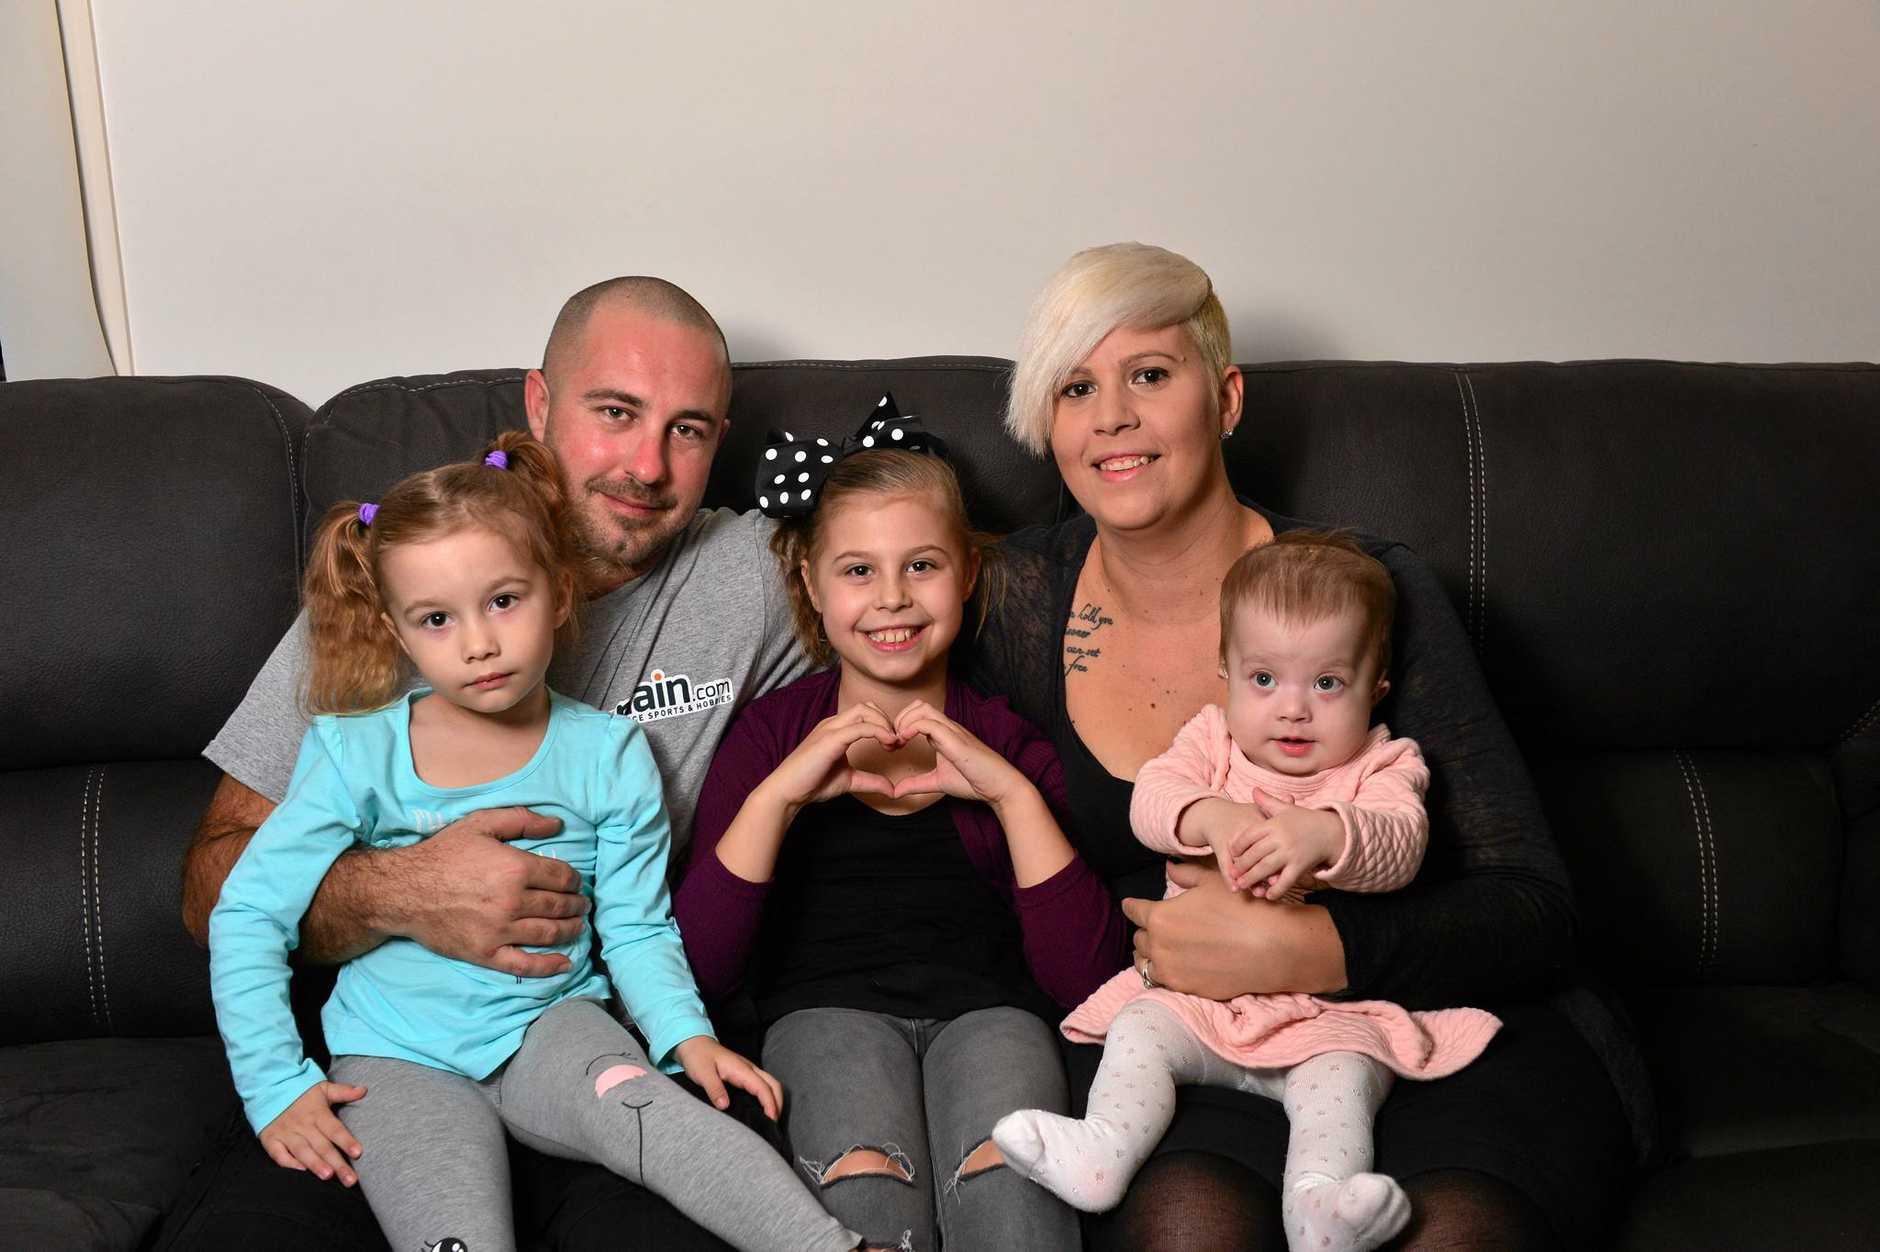 Kieran and Bec Van Jole with their children Alyssa, 9, Raven, 3 and Lyla, 11months.